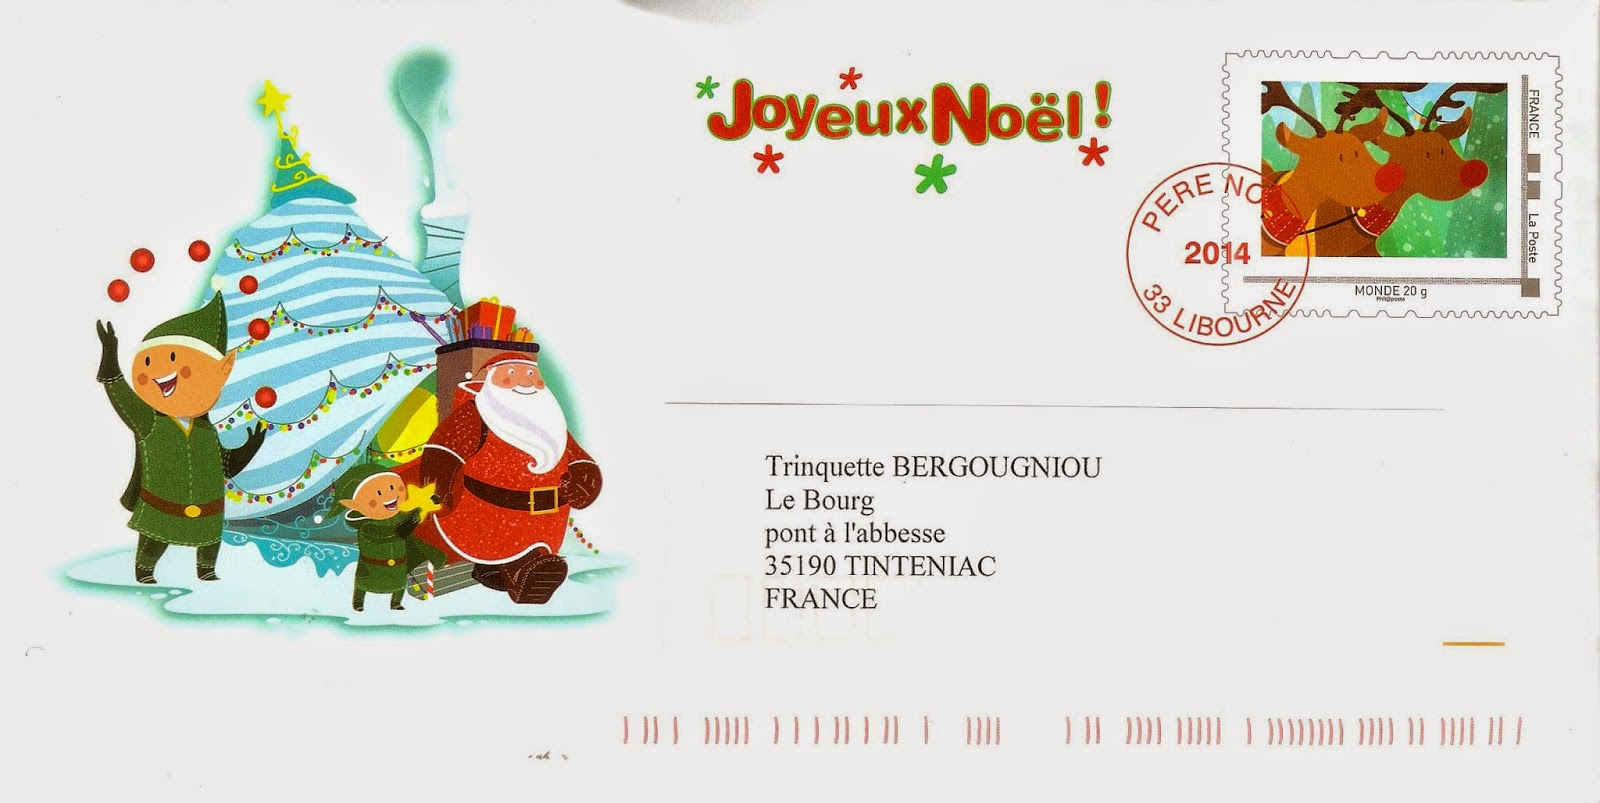 Envoyer Lettre Au Pere Noel Par La Poste.La Marcophilie Navale La Lettre Du Pere Noel 2014